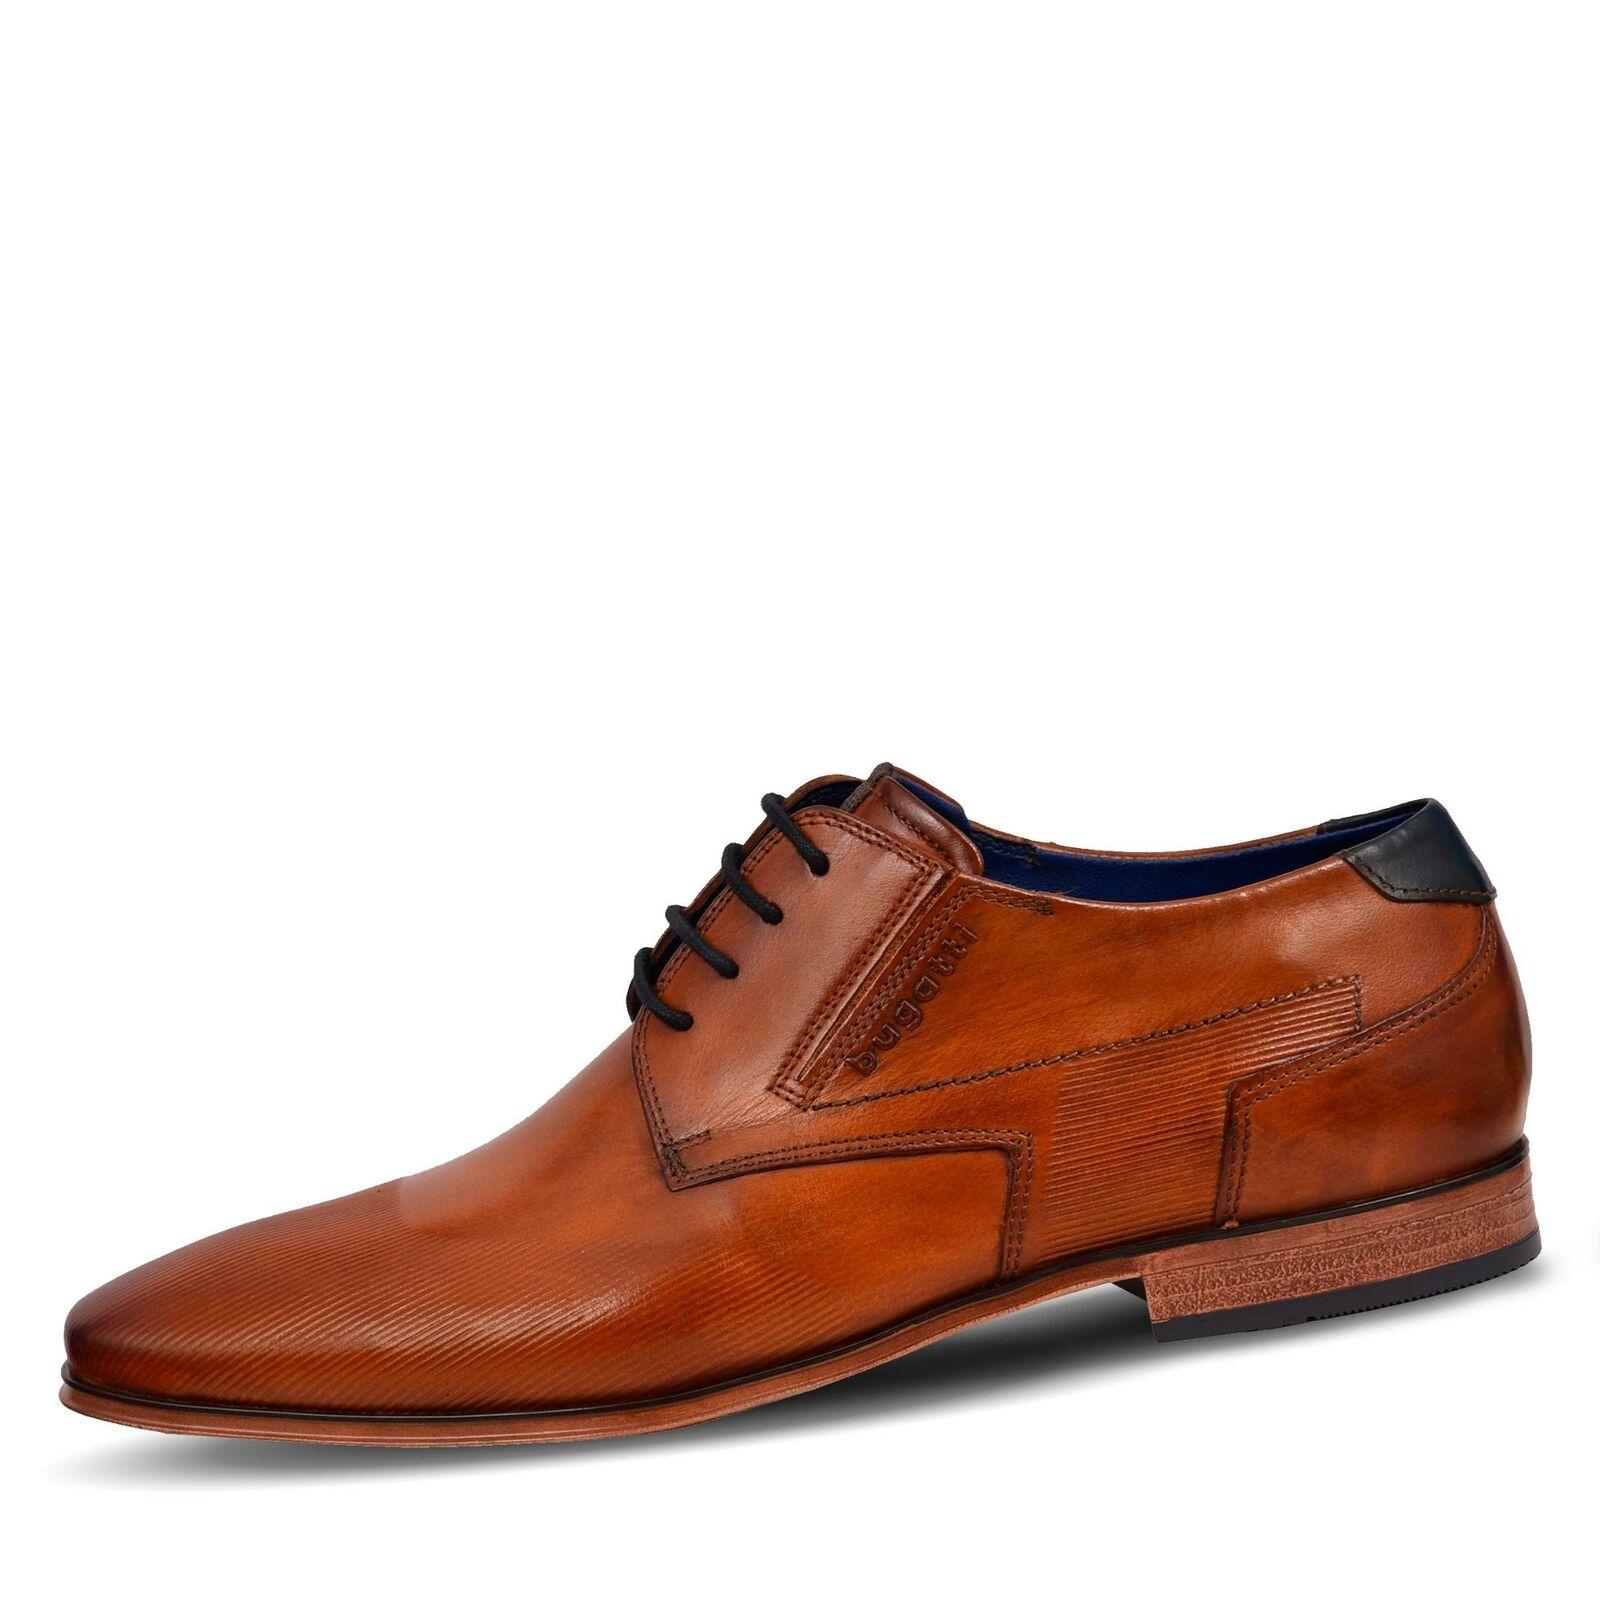 Herren Bugatti Schnürschuhe Halbschuhe cognac Schuhe